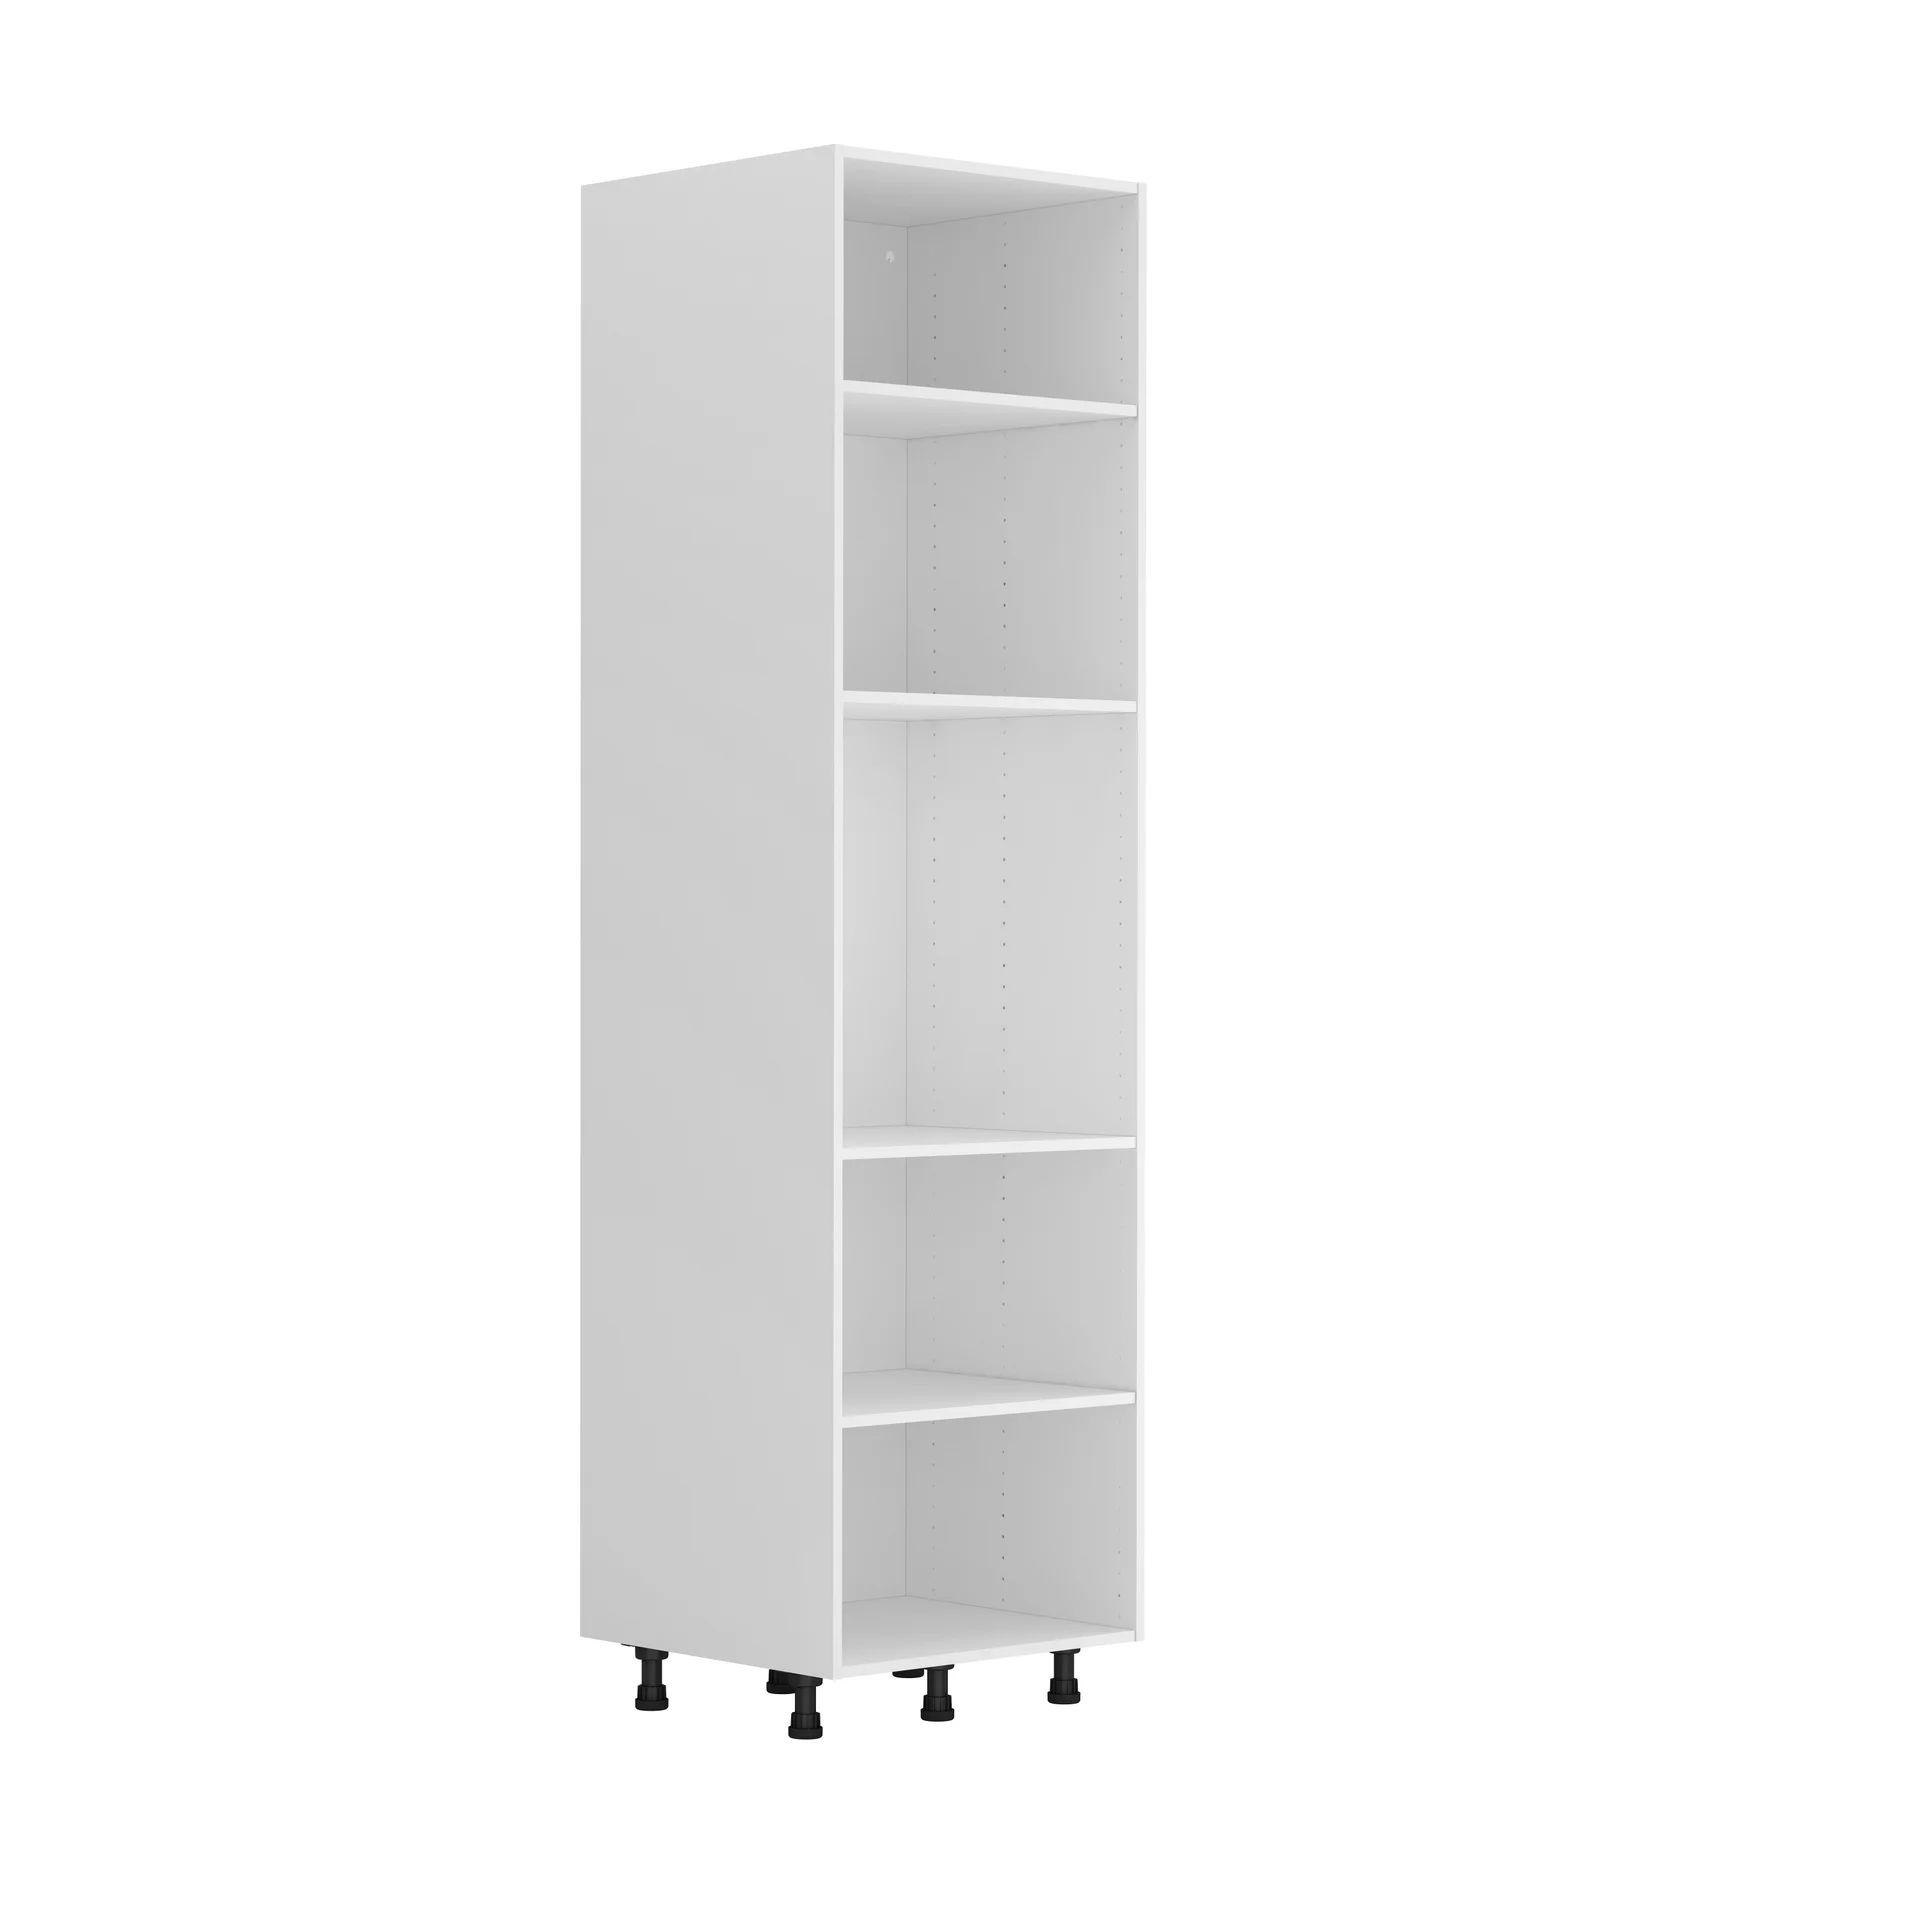 caisson de cuisine colonne delinia id blanc h 214 4 x l 60 x p 58 cm